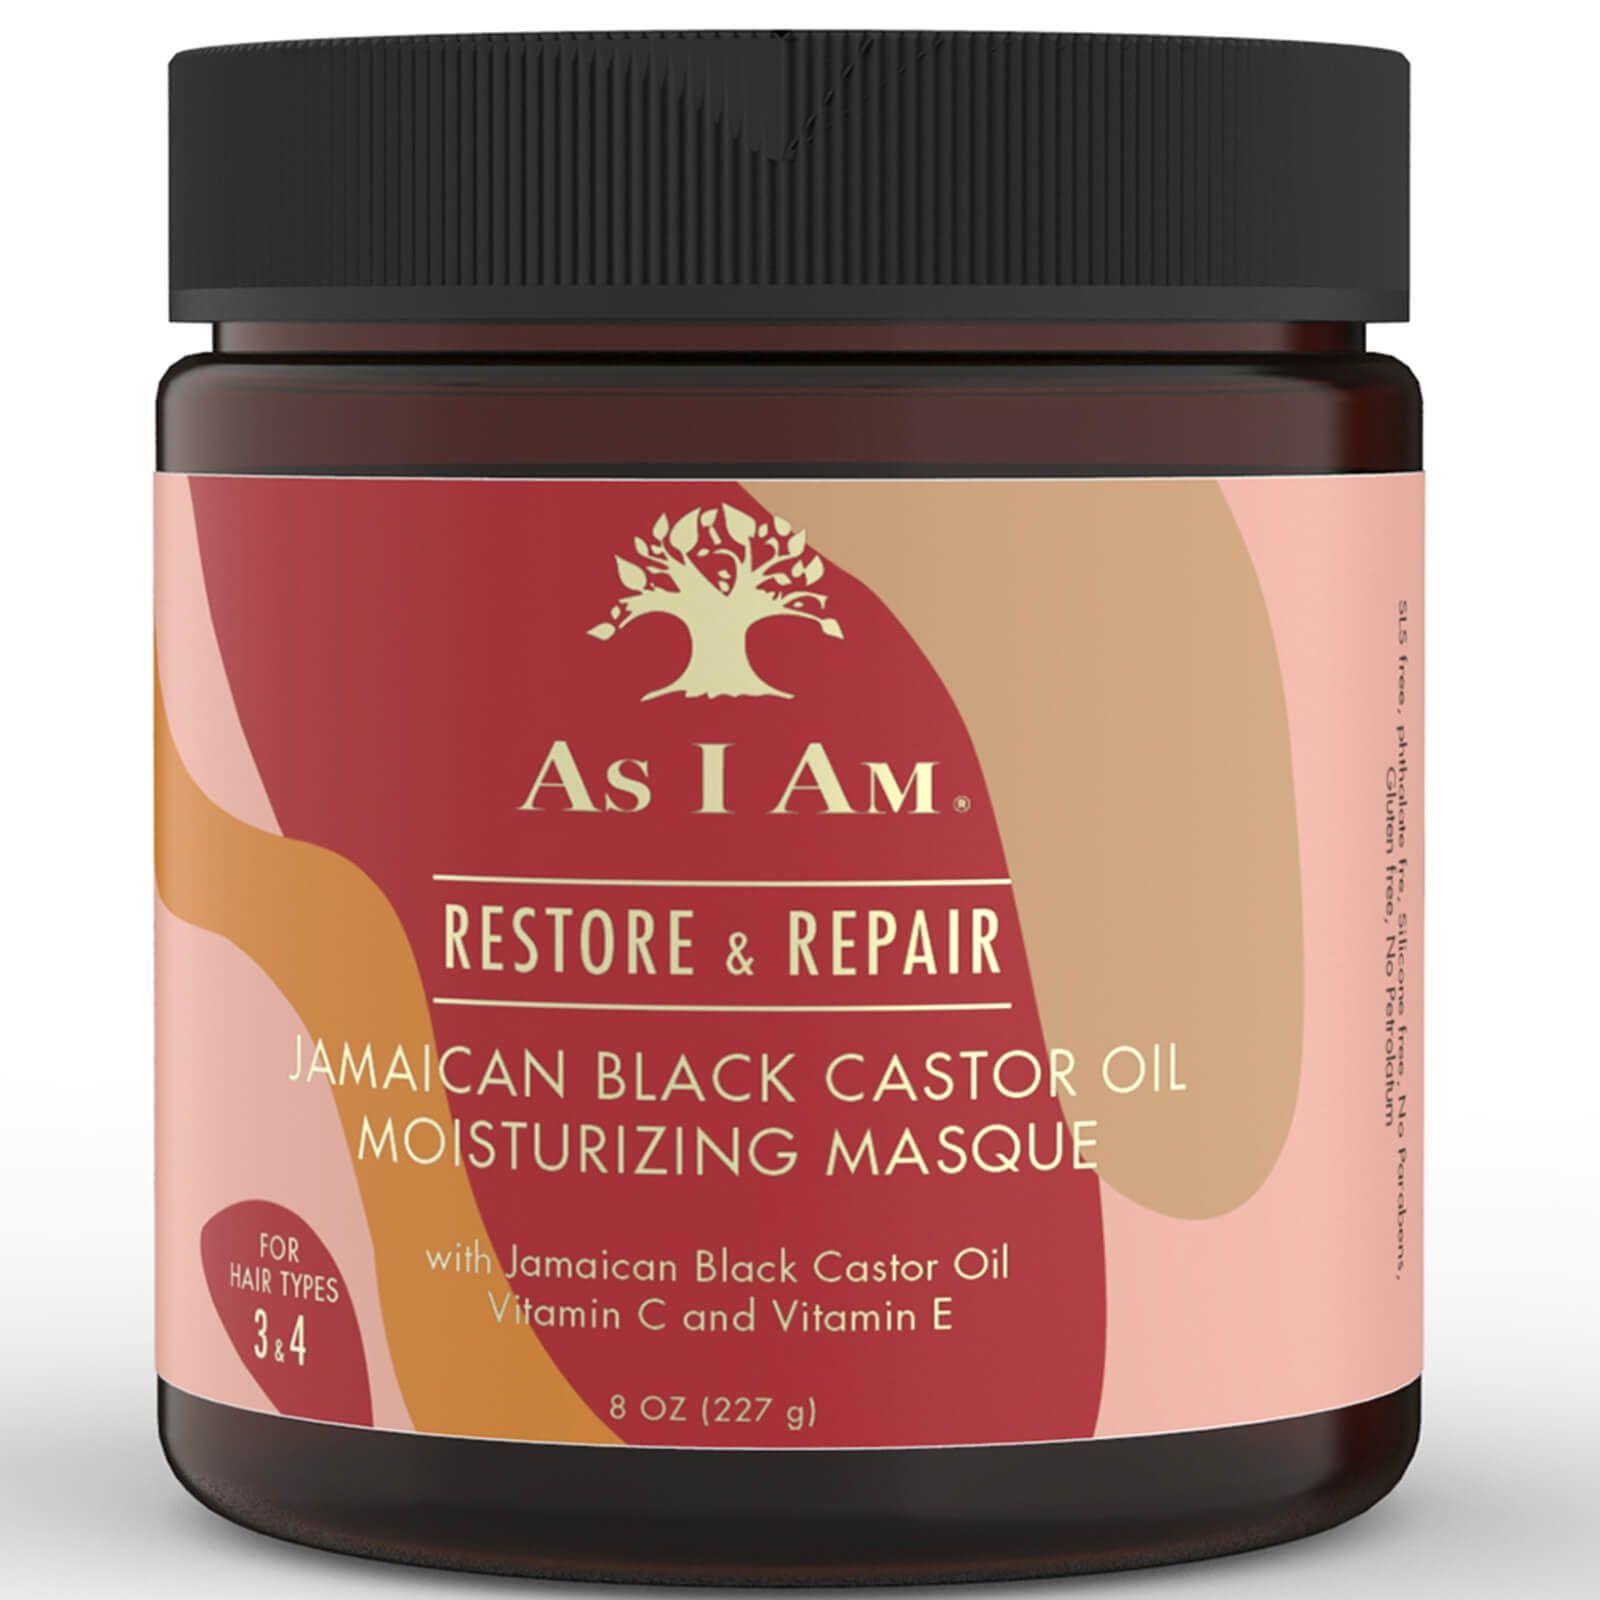 As I Am Jamaican Black Castor Oil Masque - 227g